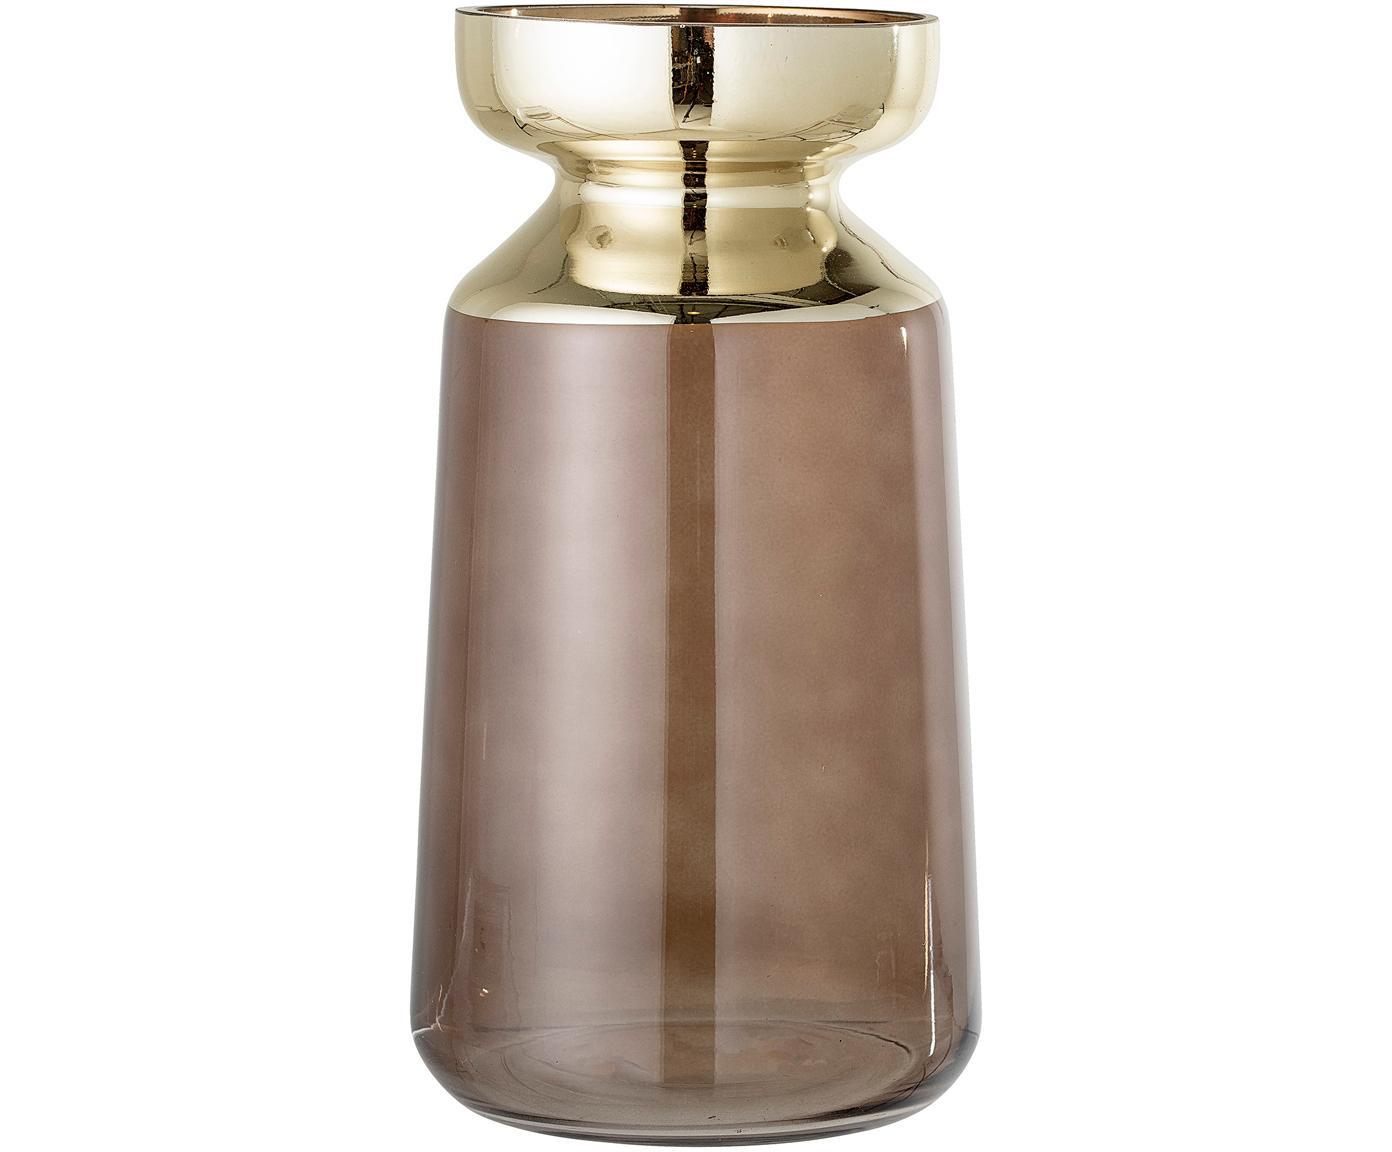 Große Deko-Vase Shine aus Glas, Glas, Braun, Goldfarben, Ø 16 x H 30 cm